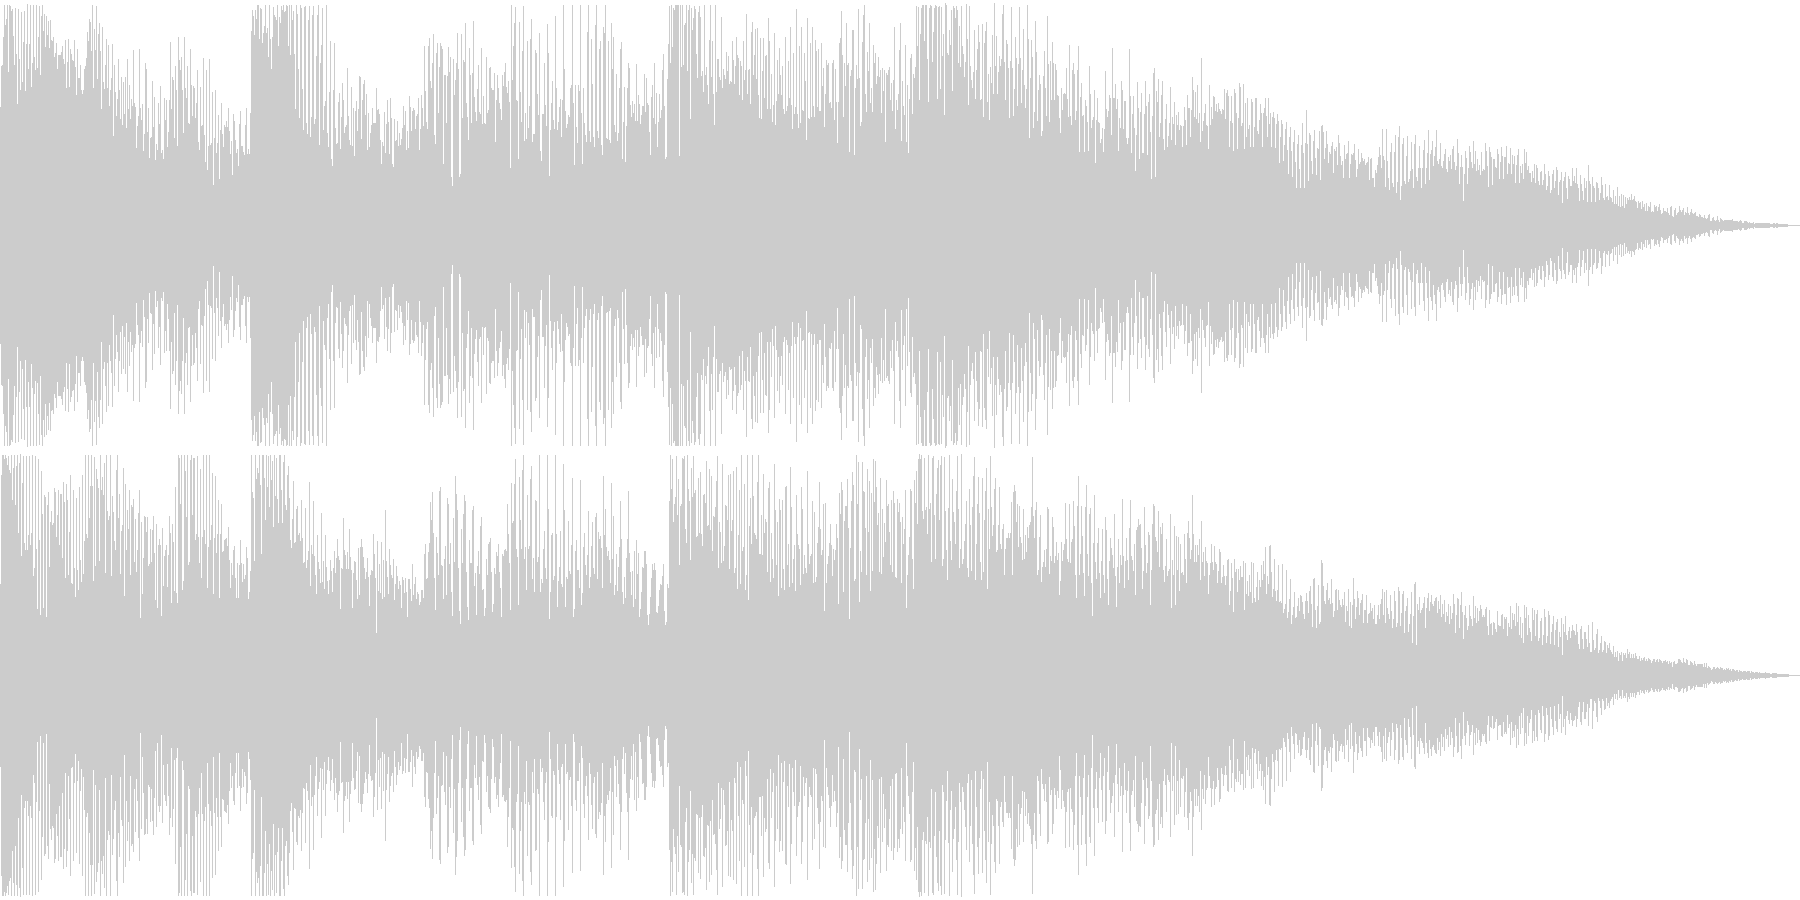 pop synth soundの未再生の波形